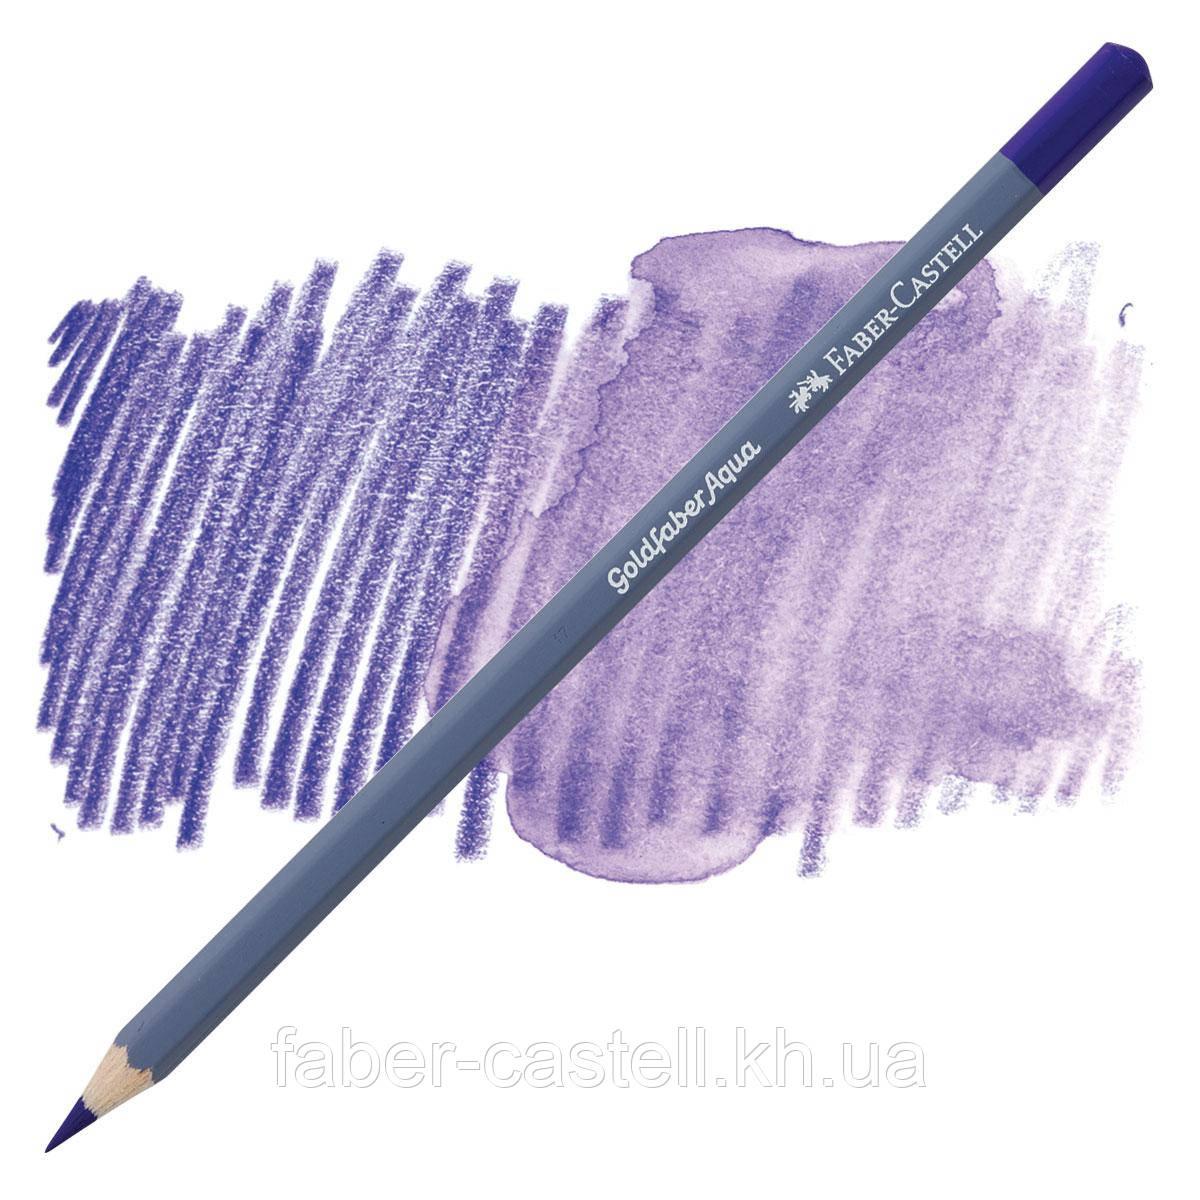 Карандаш акварельный Faber-Castell Goldfaber Aqua цвет сине-фиолетовый №137 ( Blue Violet), 114637